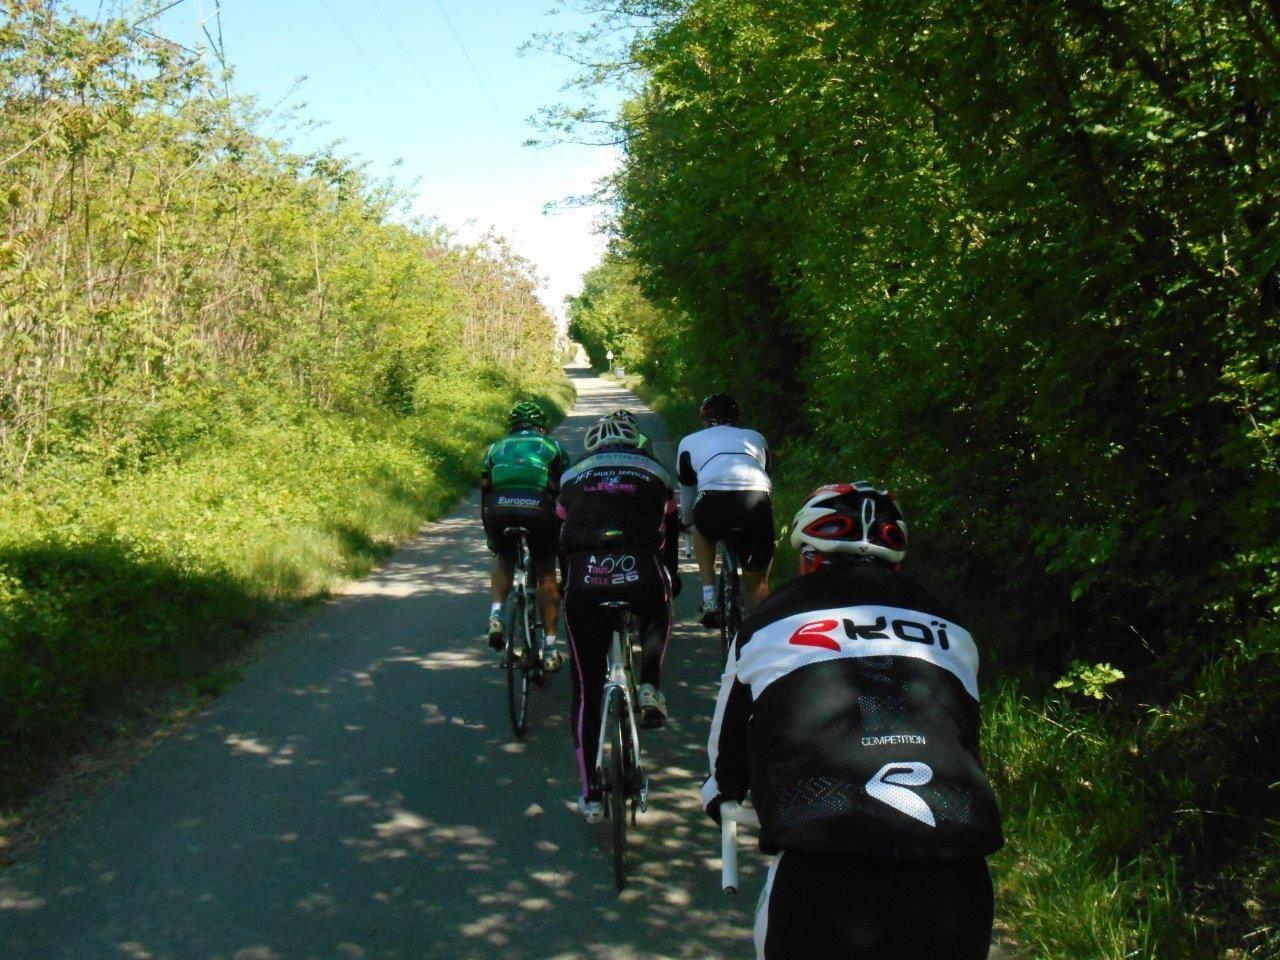 Petite route le long du Rhône pour rejoindre le Teil.